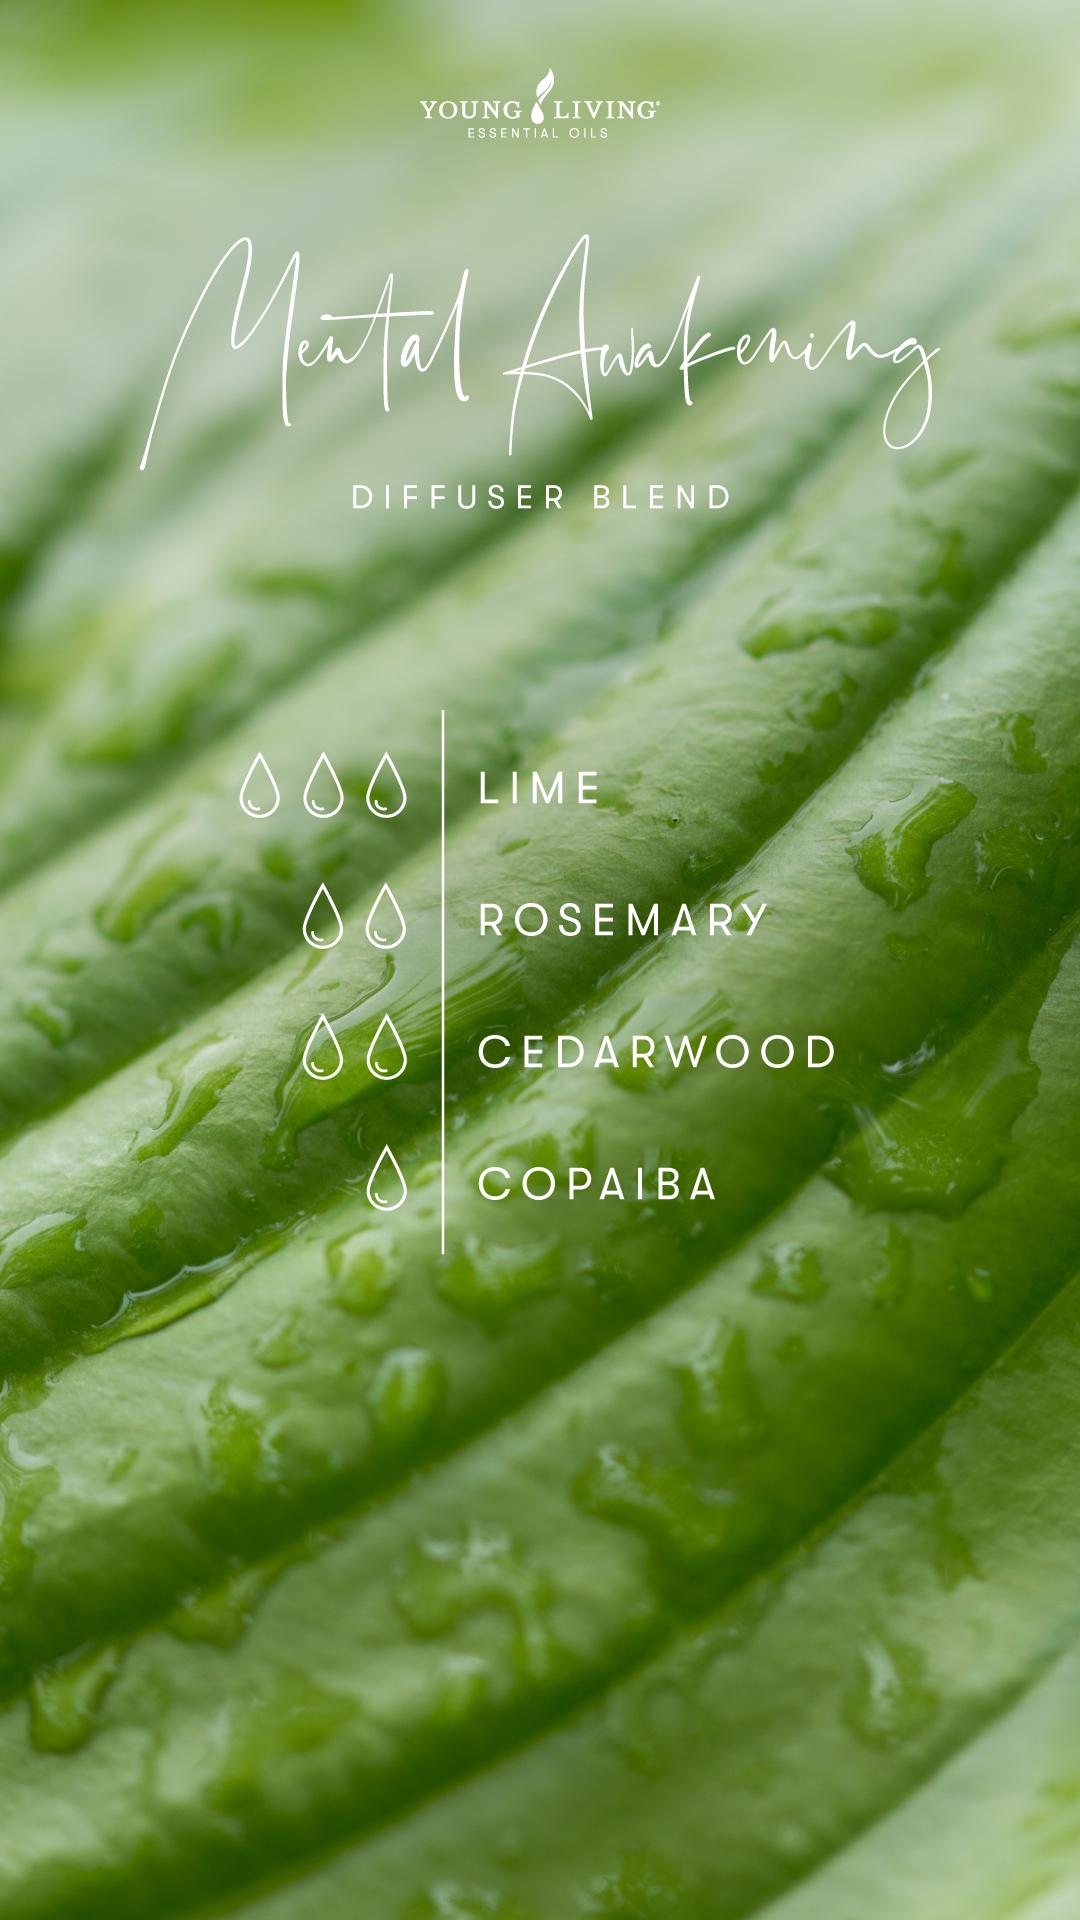 Mental Awakening Diffuser Blend - 3 drops Lime, 2 drops Rosemary, 2 drops Cedarwood, 1 drop Copaiba